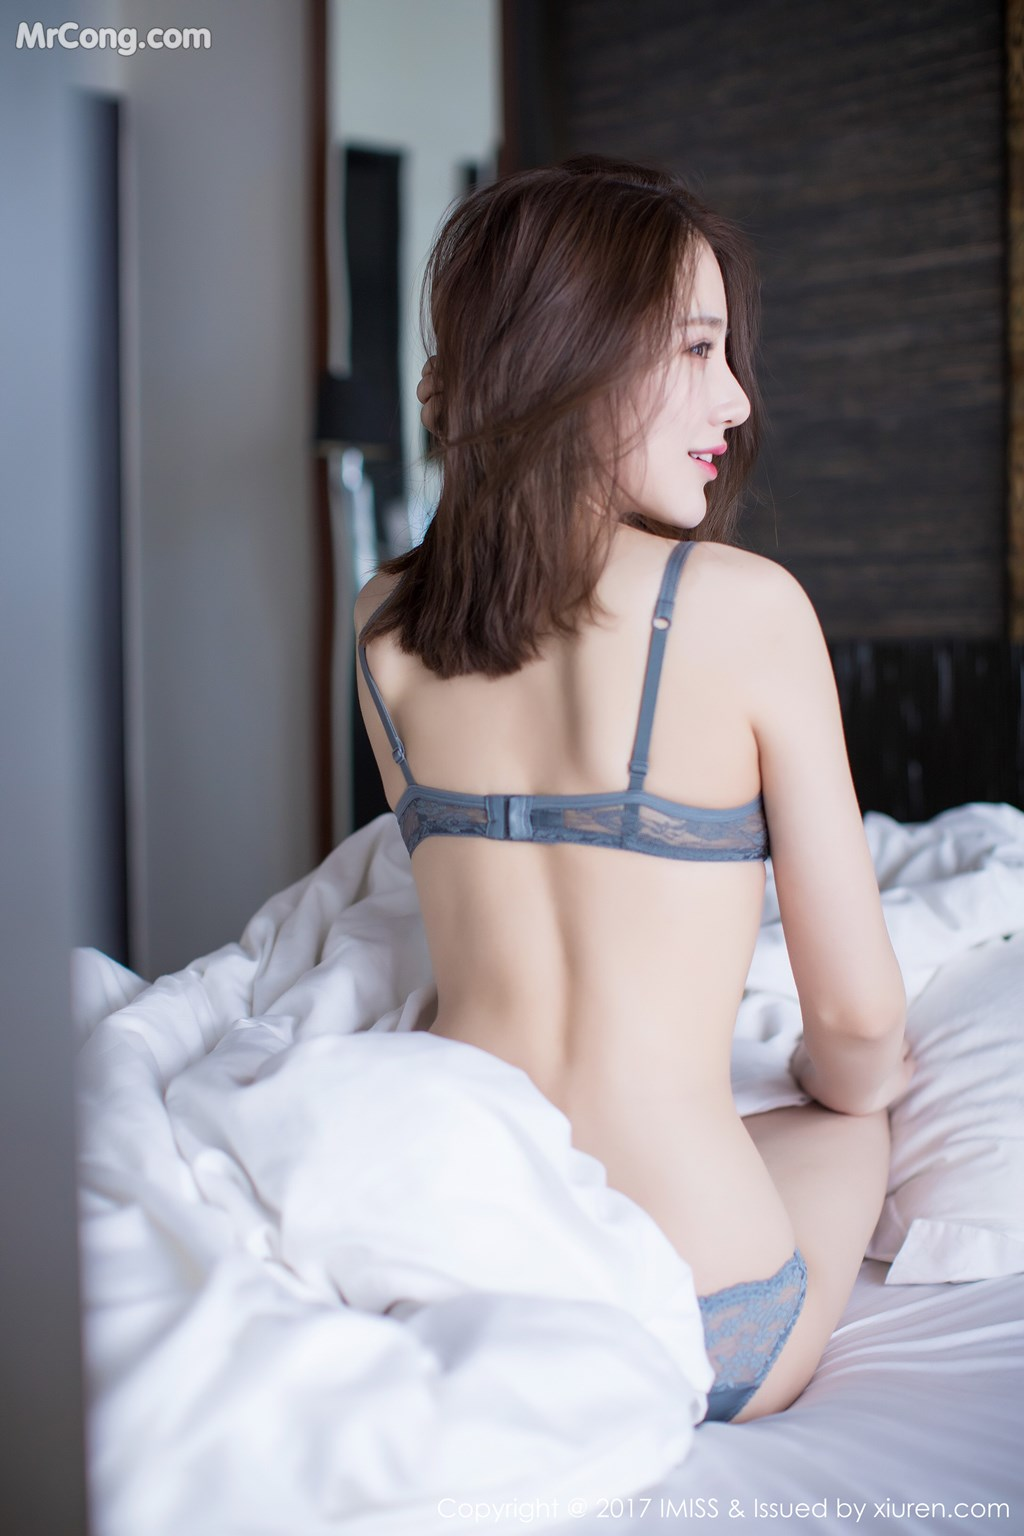 Image IMISS-Vol.186-Lynn-Liu-Yining-MrCong.com-005 in post IMISS Vol.186: Người mẫu Lynn (刘奕宁) (36 ảnh)